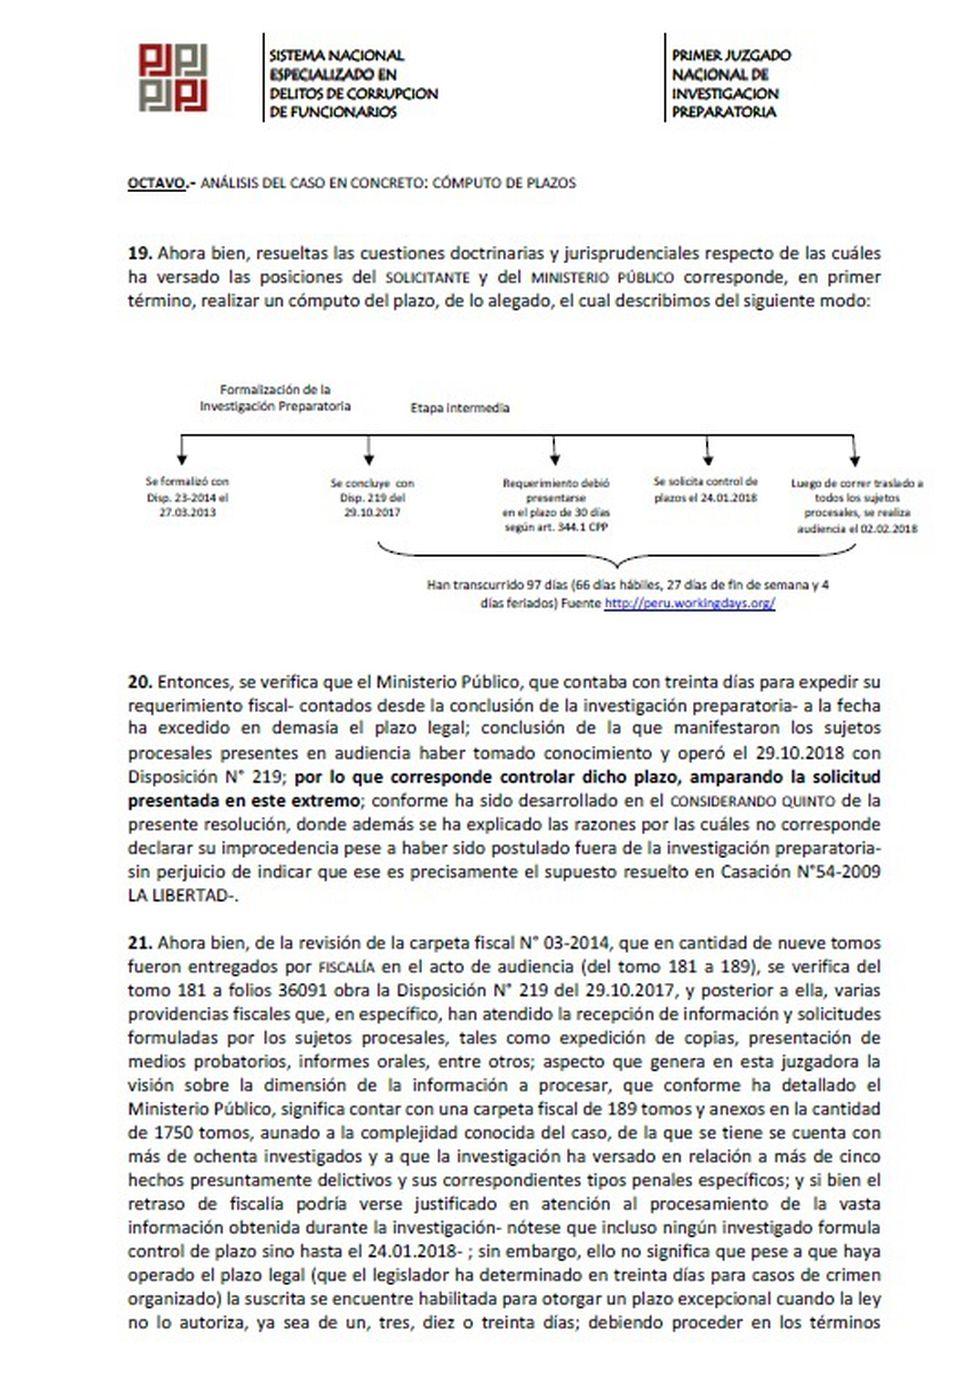 Resolución de la juez María de los Ángeles Álvarez que ordena a la fiscalía pronunciarse sobre la situación legal de Martín Belaúnde Lossio.